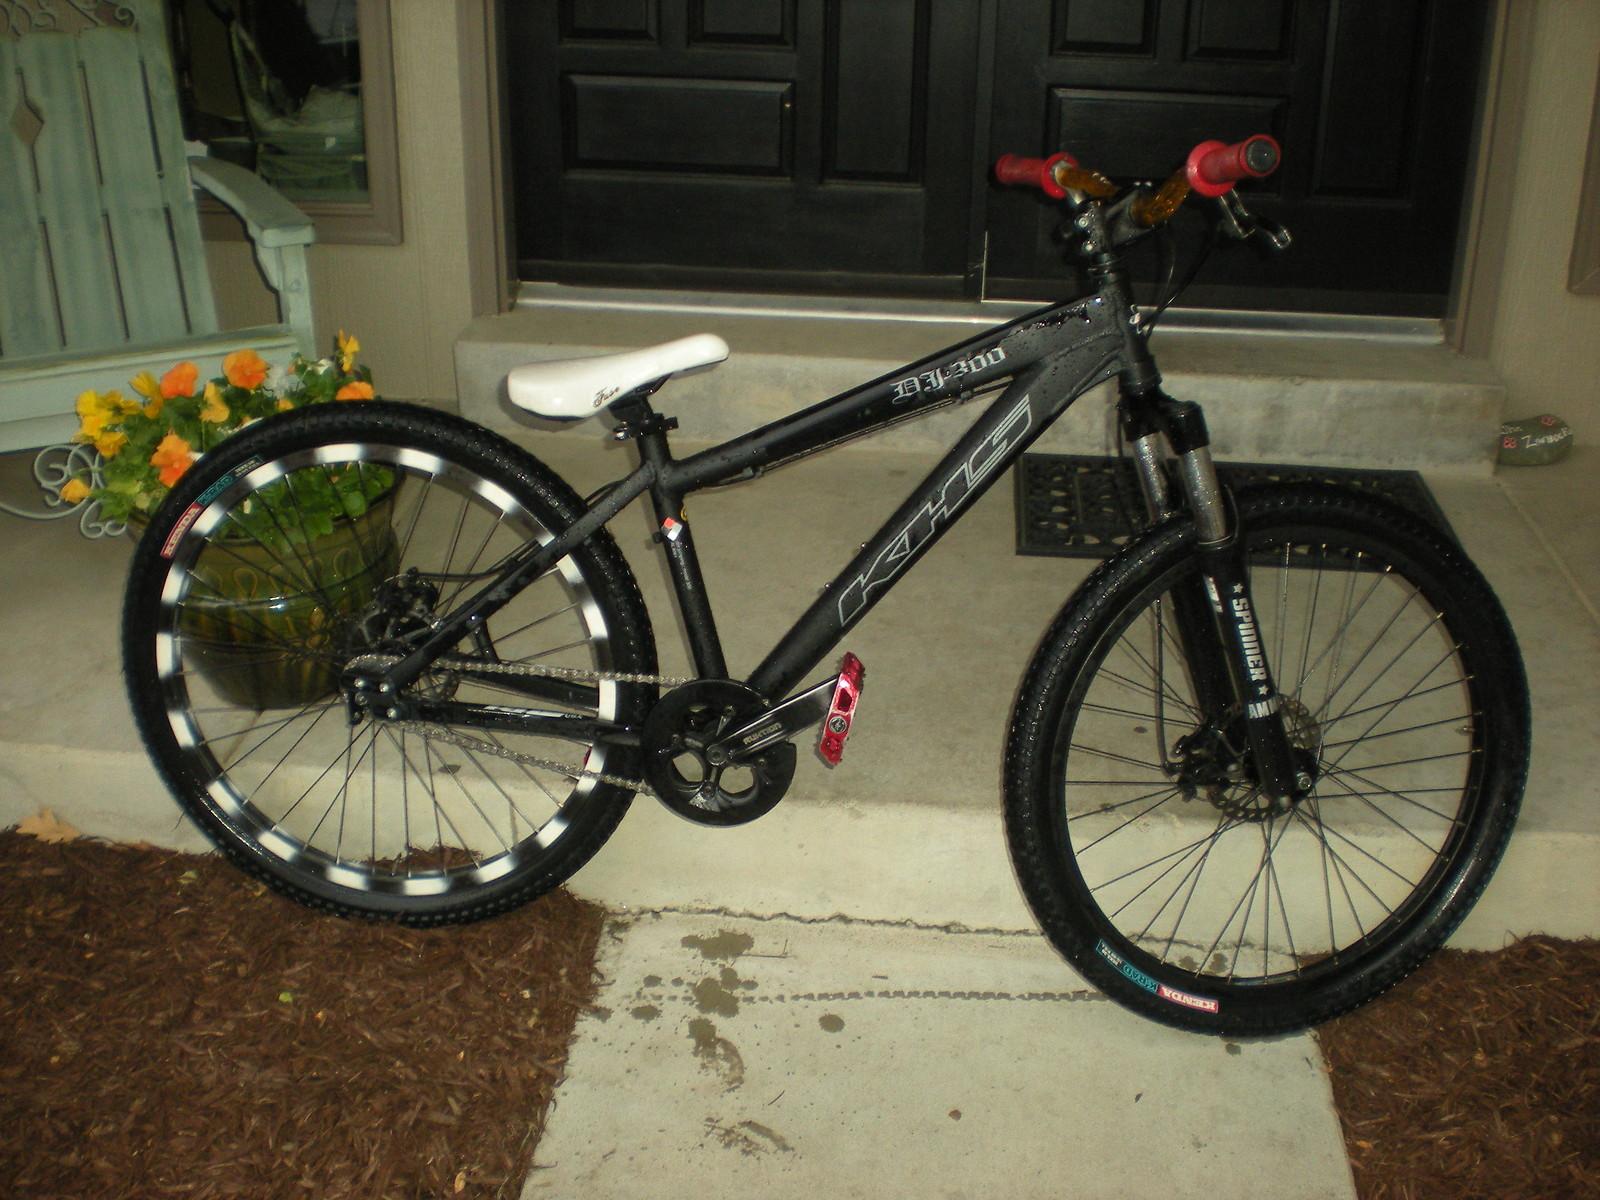 bikerider016's KHS